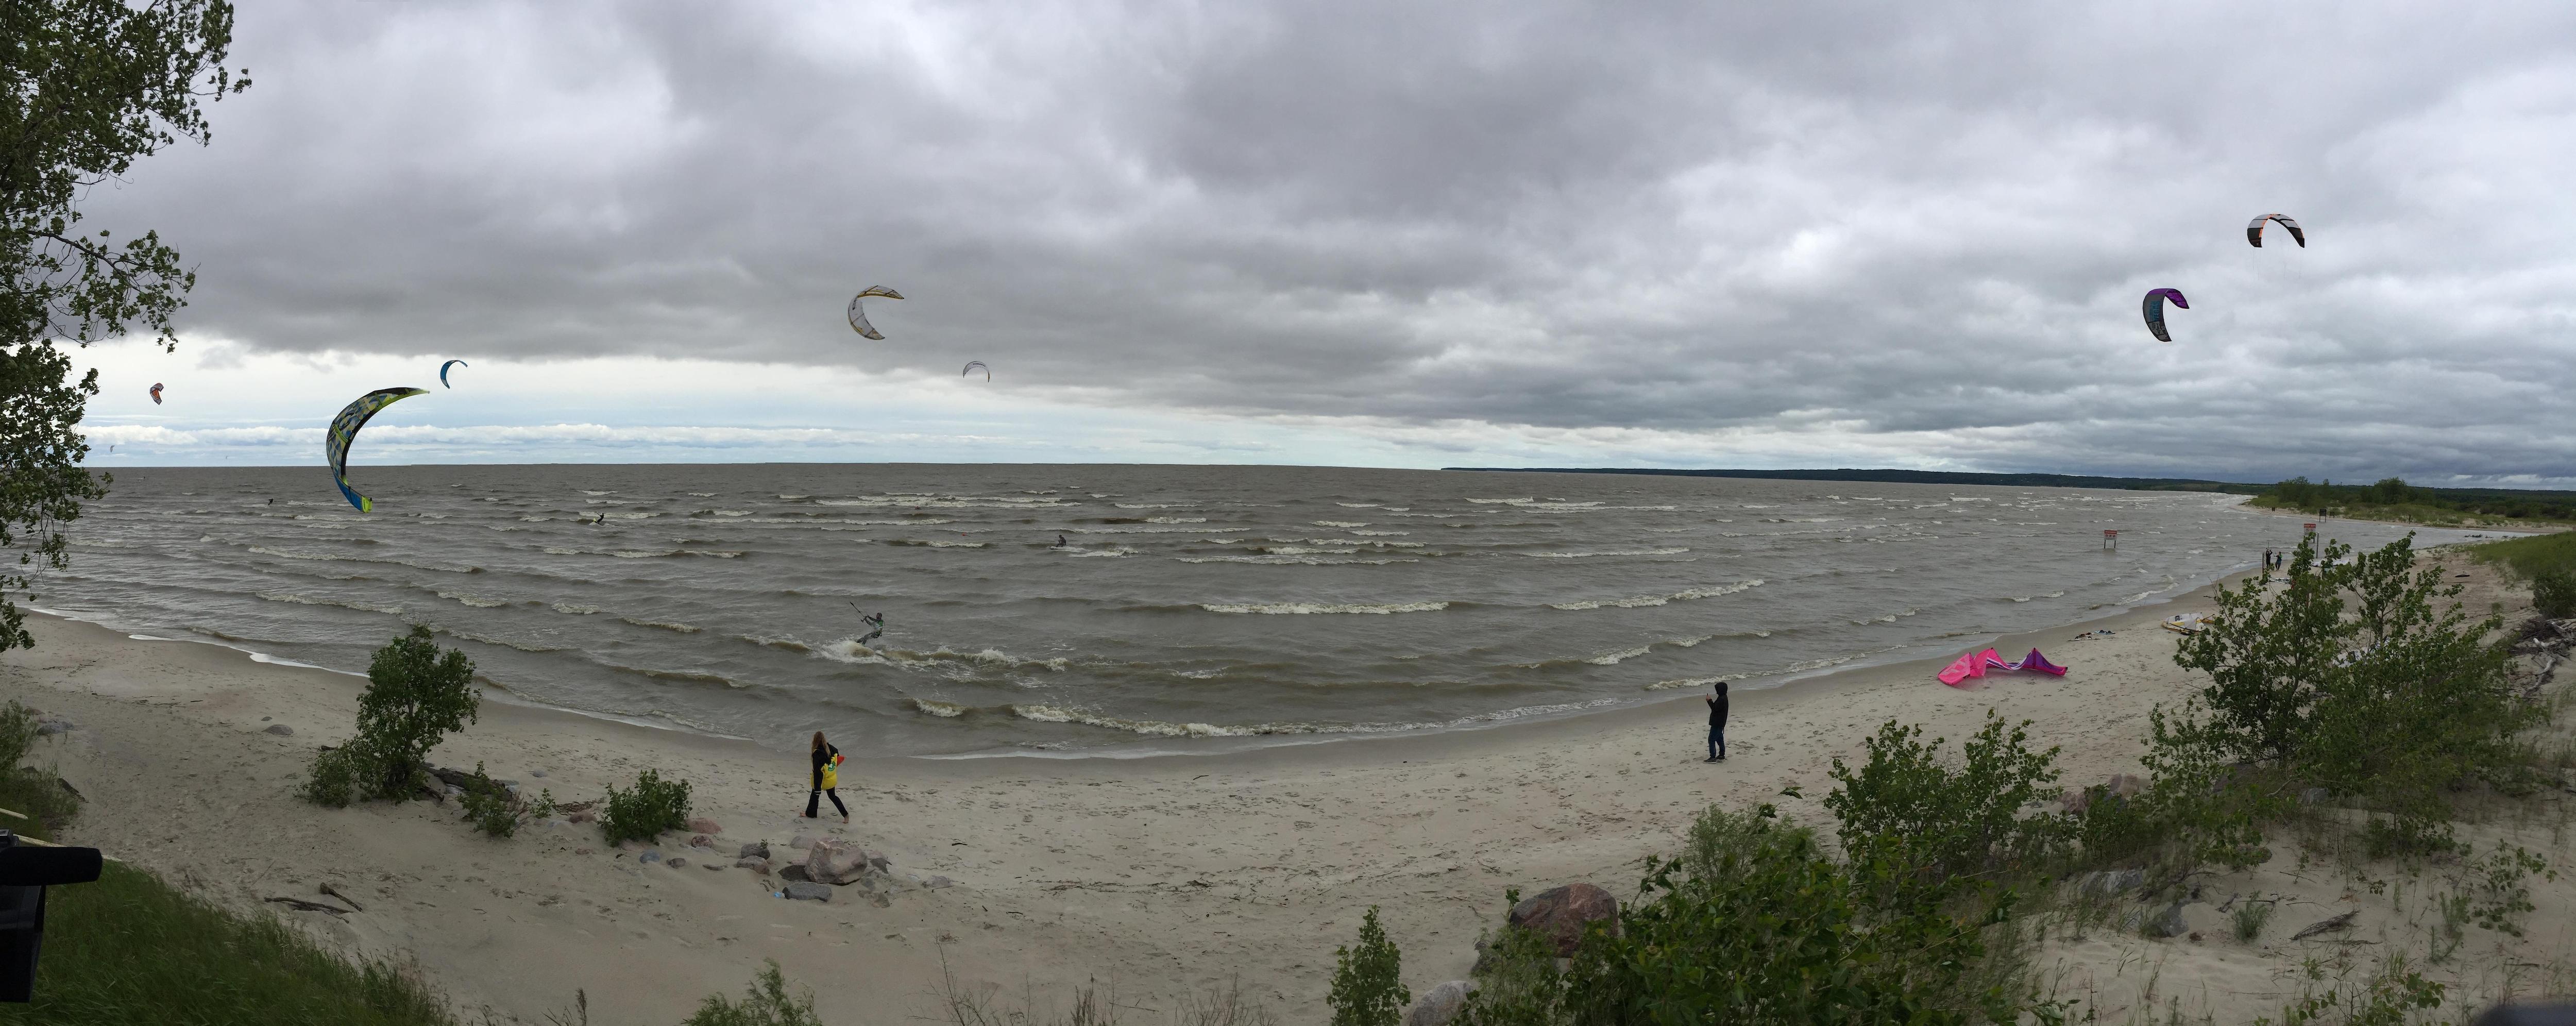 Des kitesurfs ou planches aérotractées sur la plage